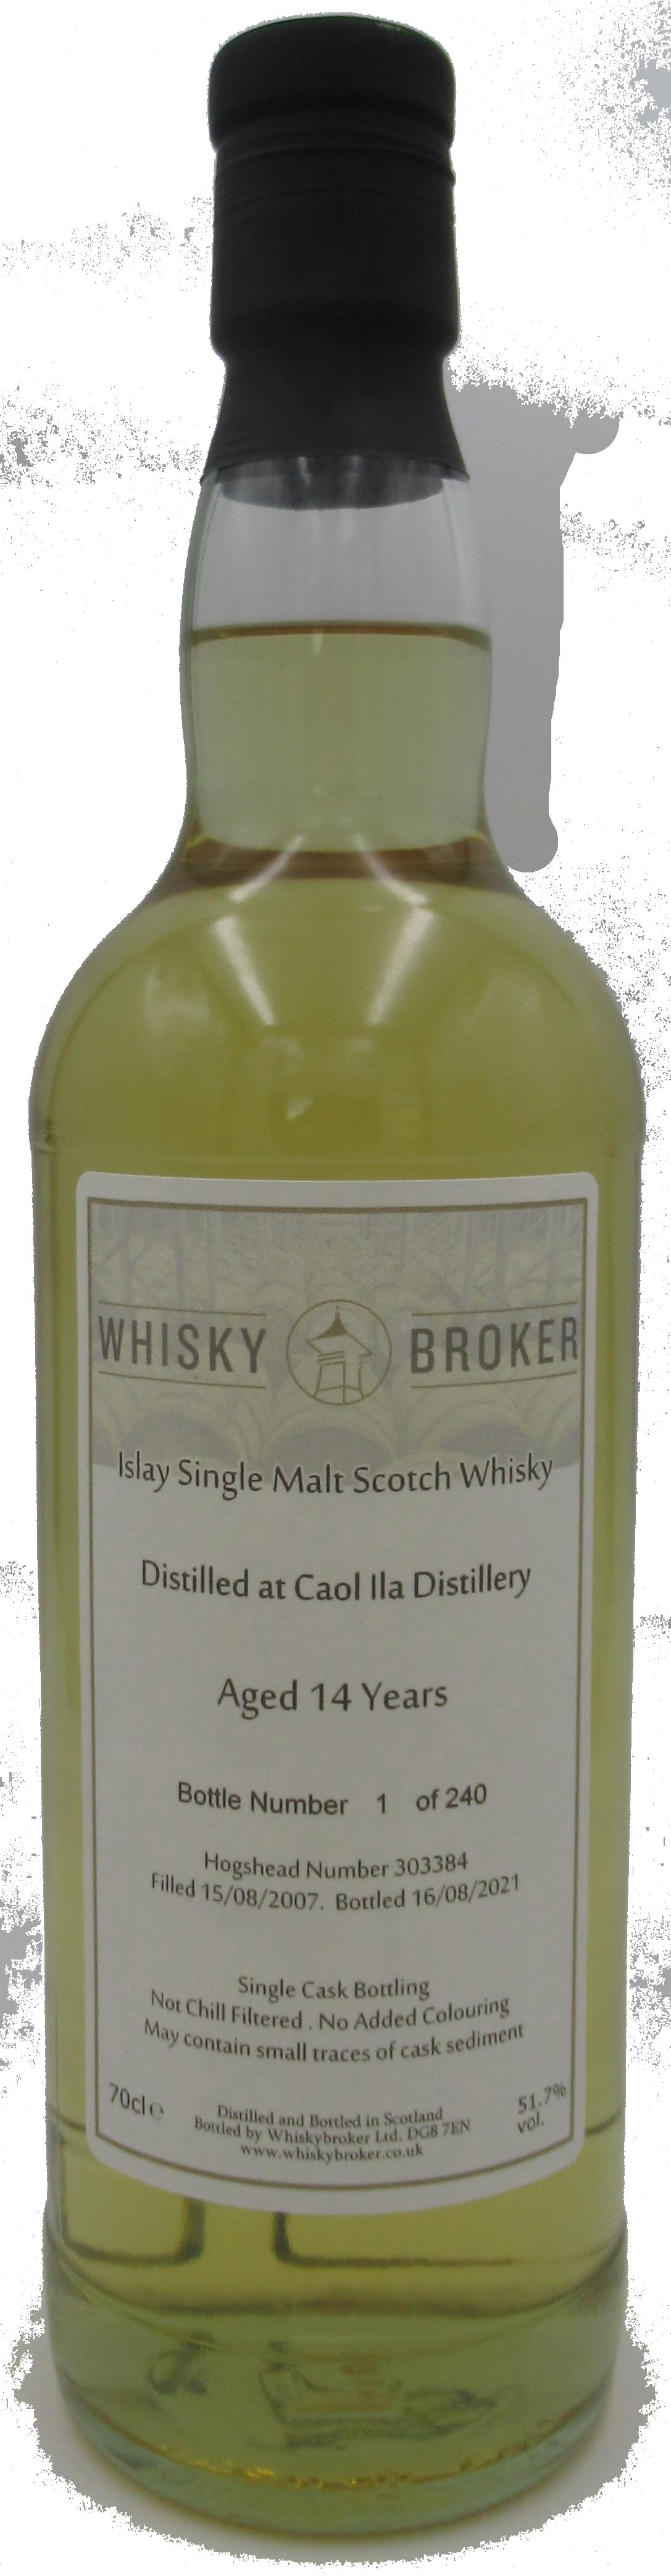 70cl, 14yo Distilled at Caol Ila Distillery, 303384